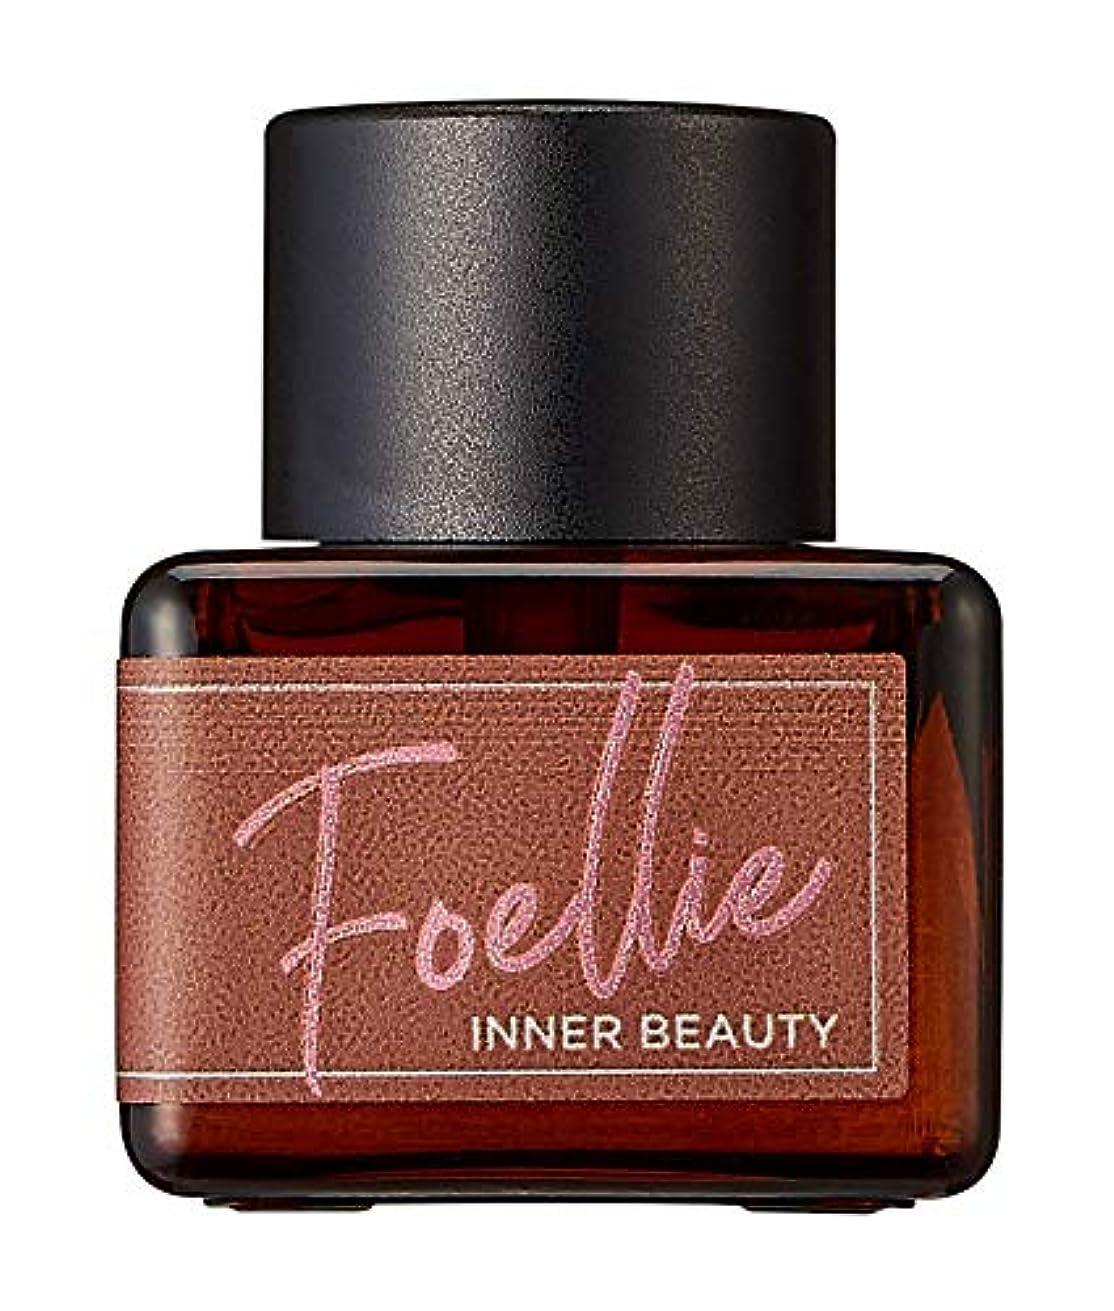 パイント承認聞きます[フォエリー(FOELLIE)] eau de foret オードフォーレ – フェミニン、インナービューティー香水(下着用)、ウッディで爽快な森林のような香水 5ml(0.169 fl oz)